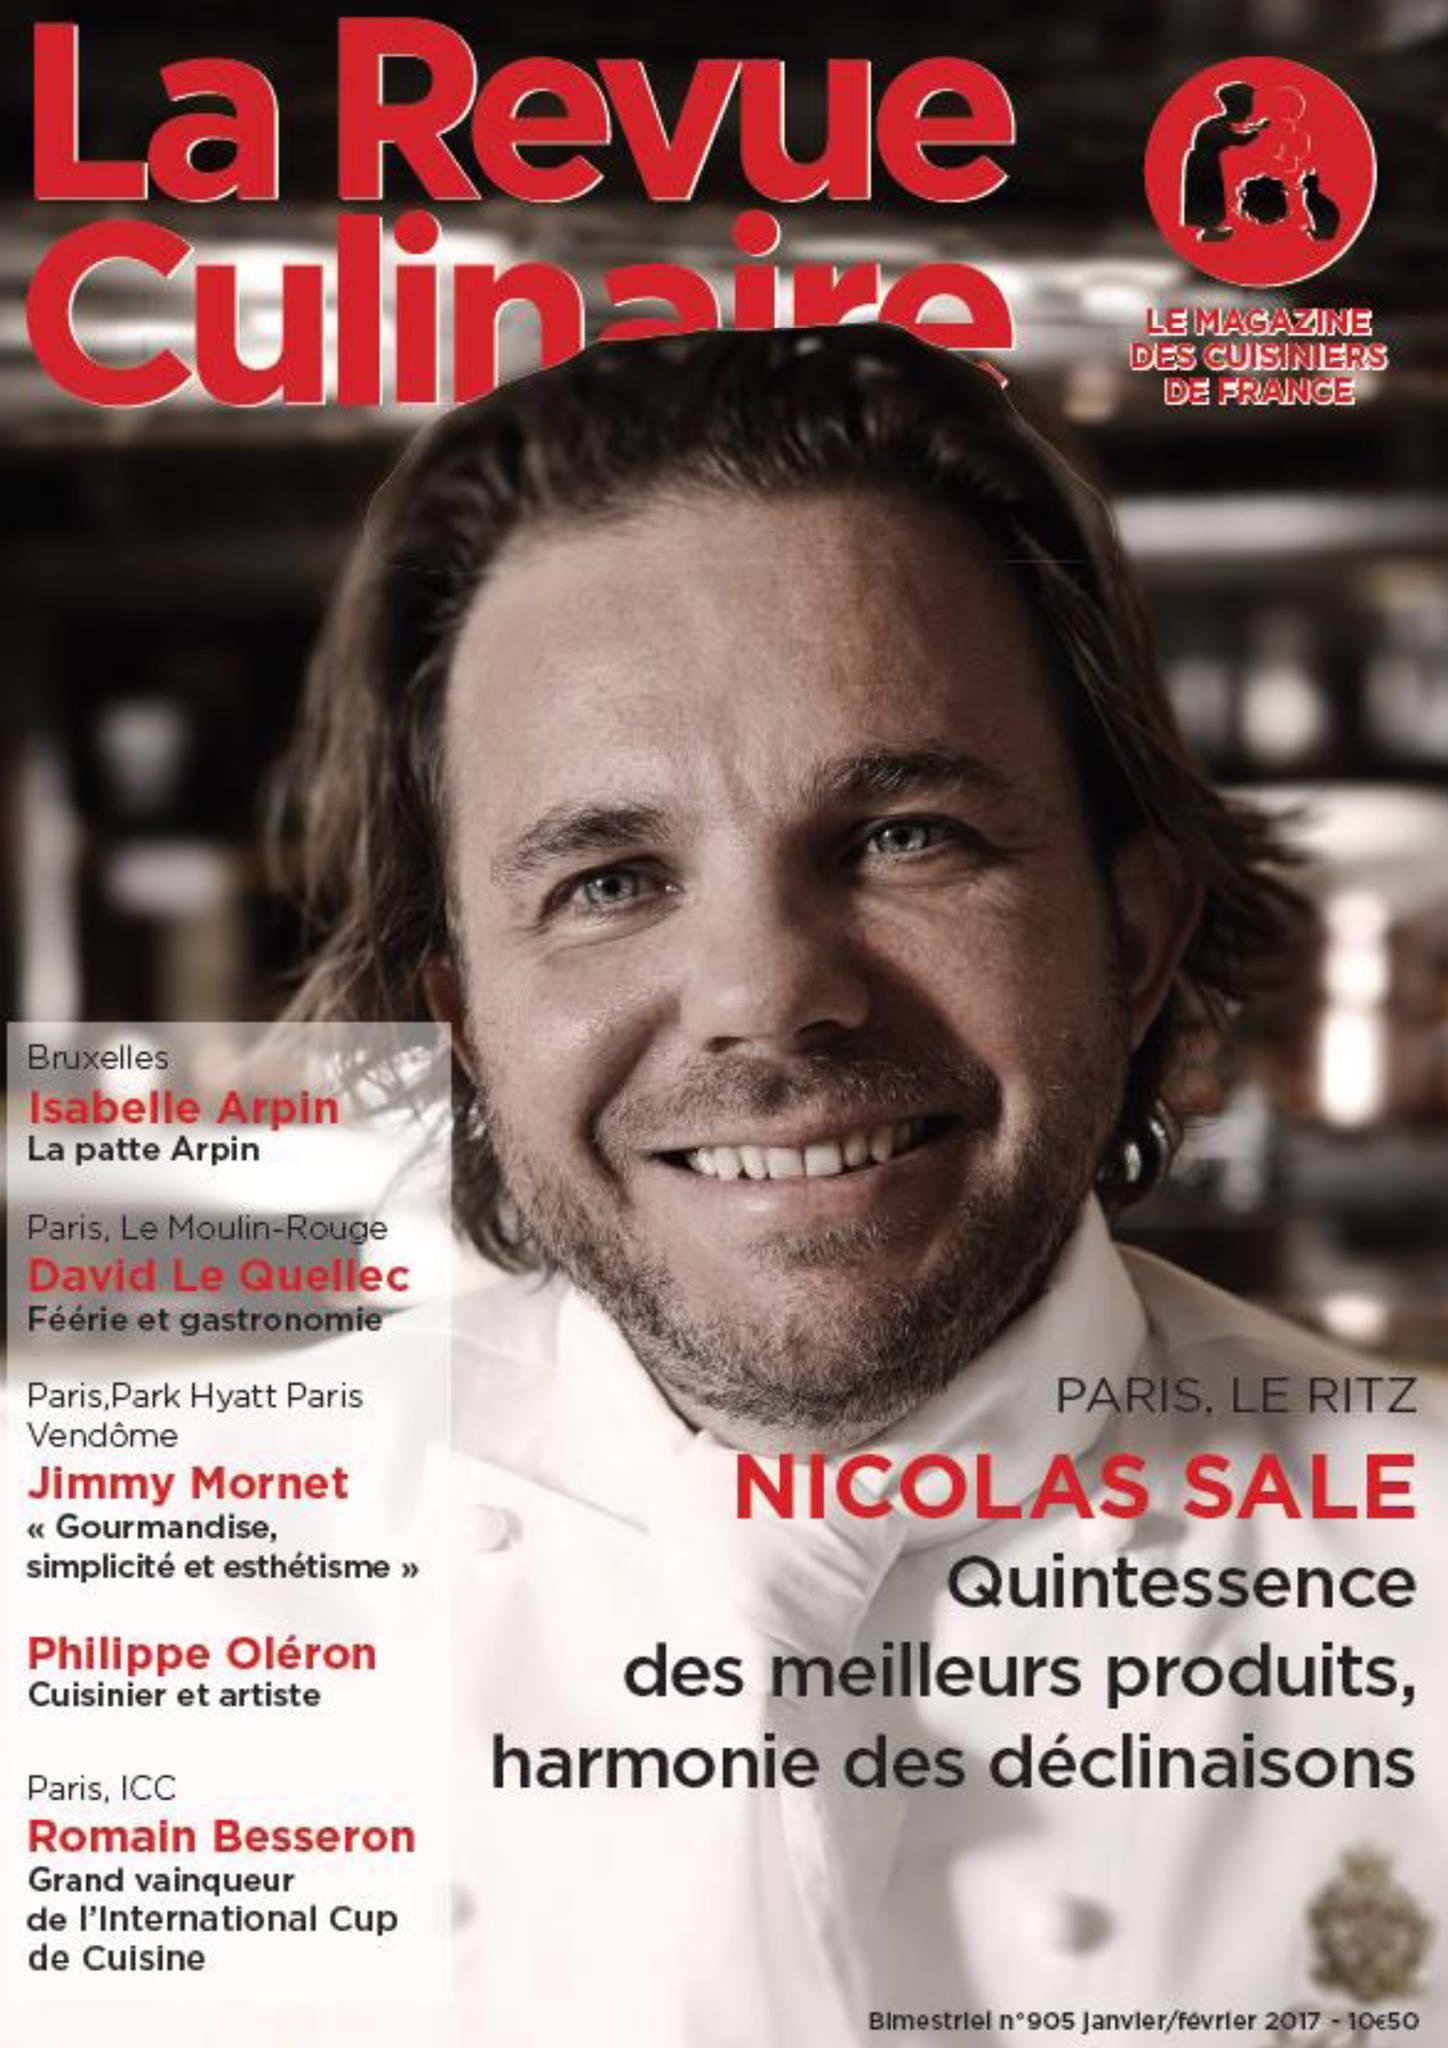 La Revue Culinaire, Nicolas Sale